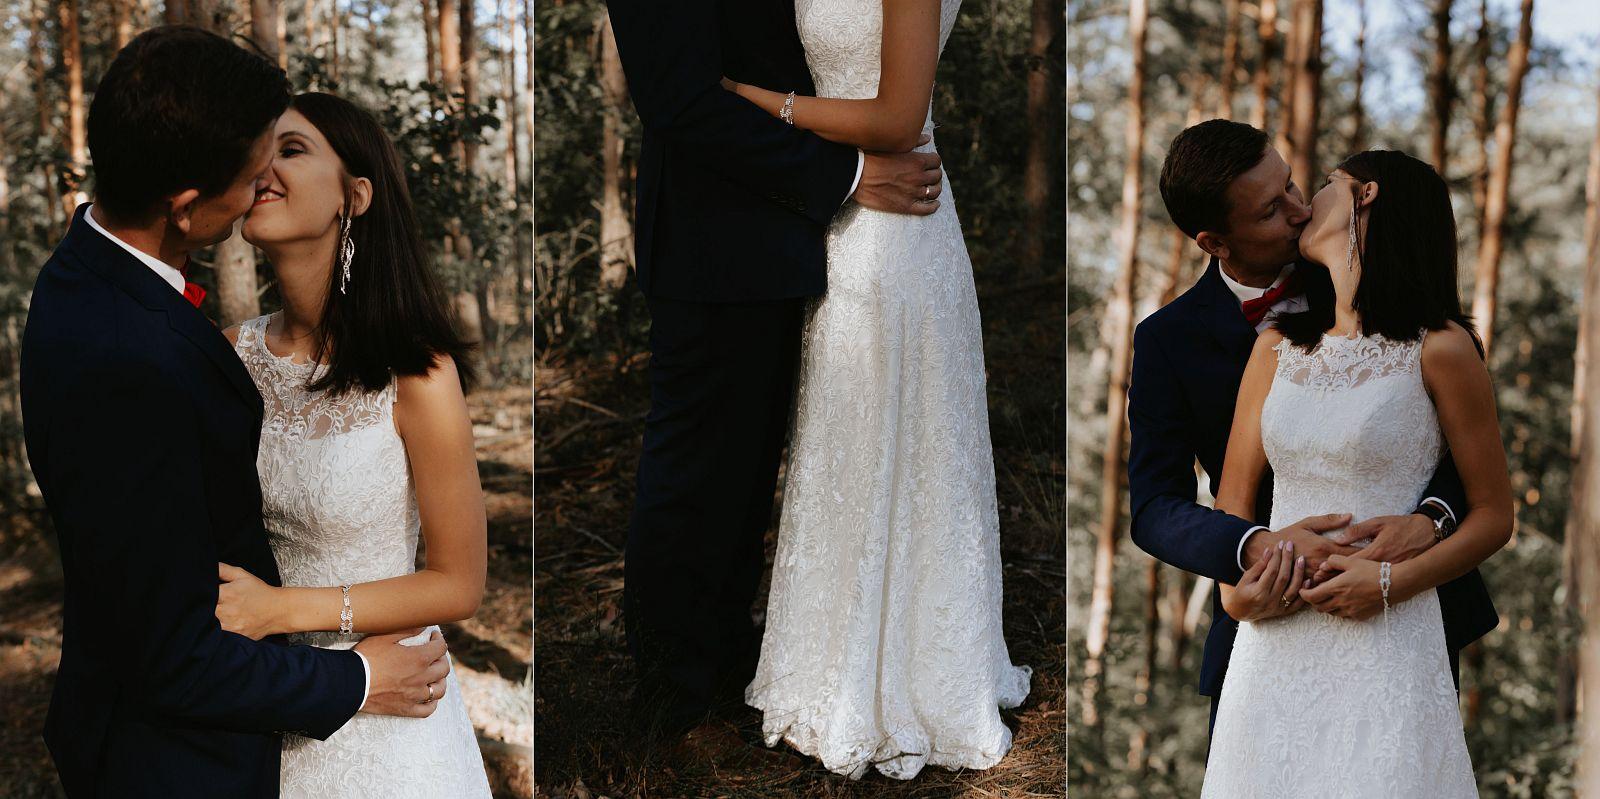 sesja ślubna w lesie emocjonalne pocałunki